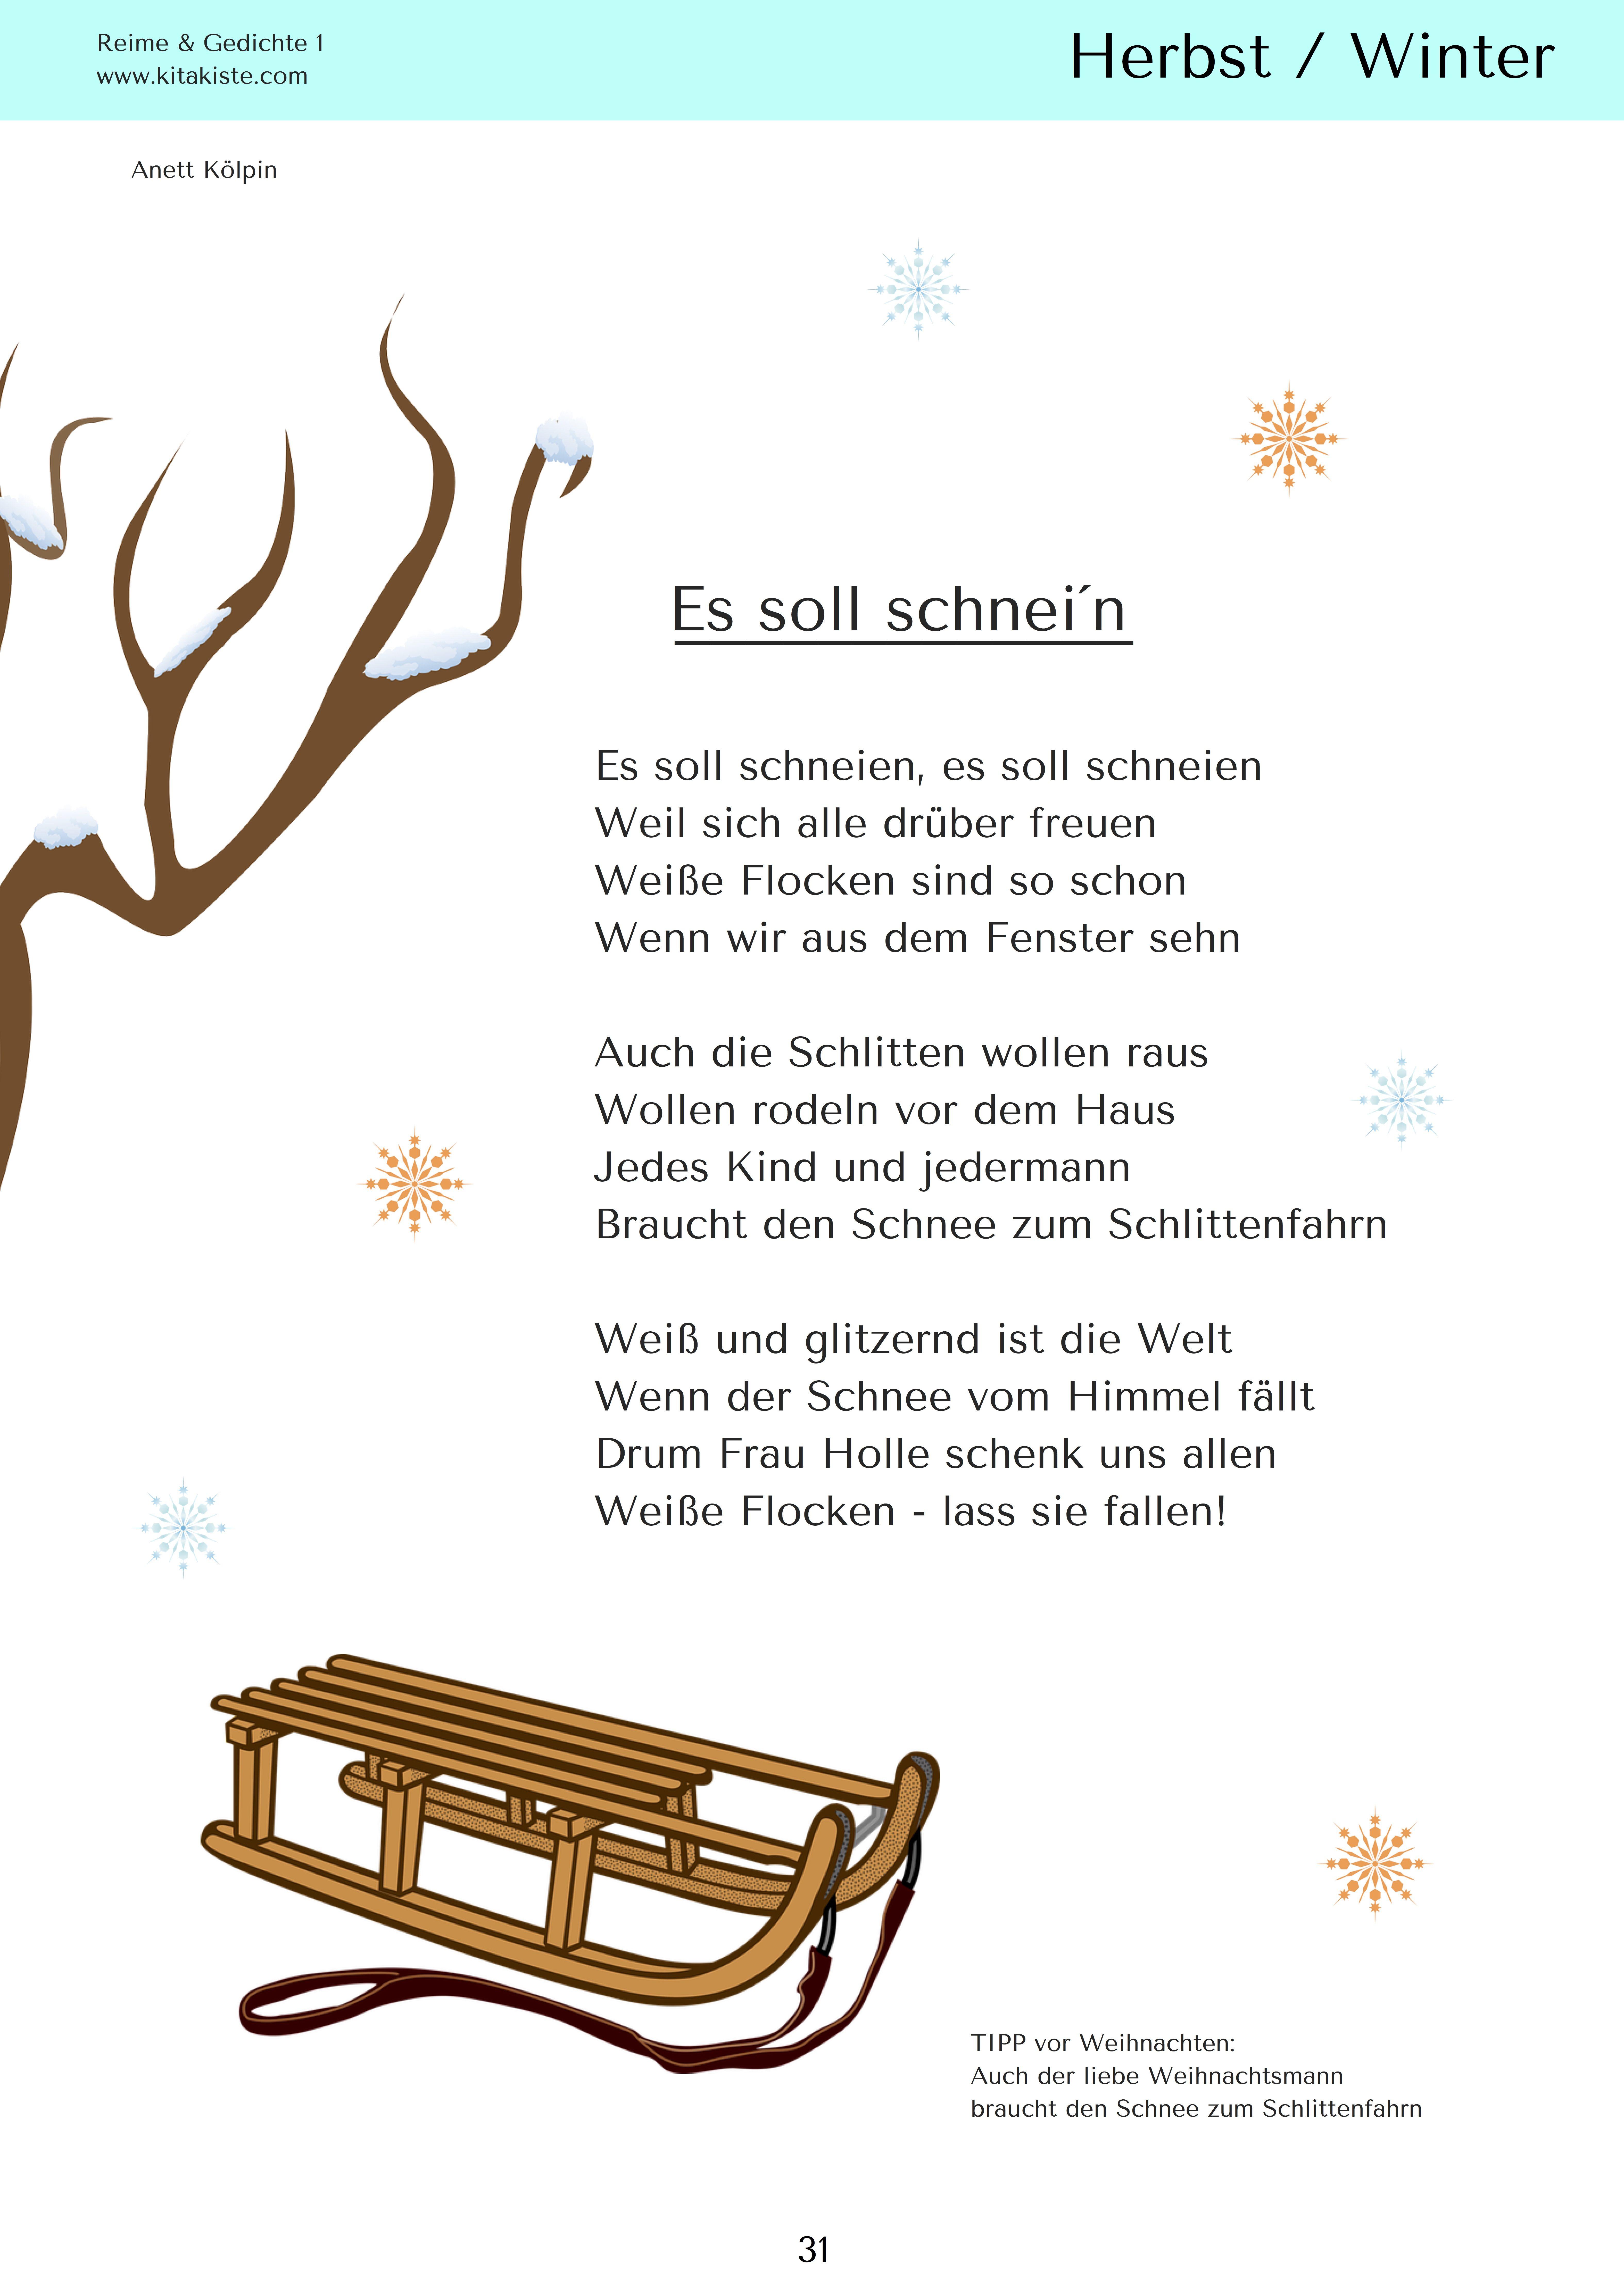 aus reime gedichte 1 ebook von kitakiste mit 3. Black Bedroom Furniture Sets. Home Design Ideas